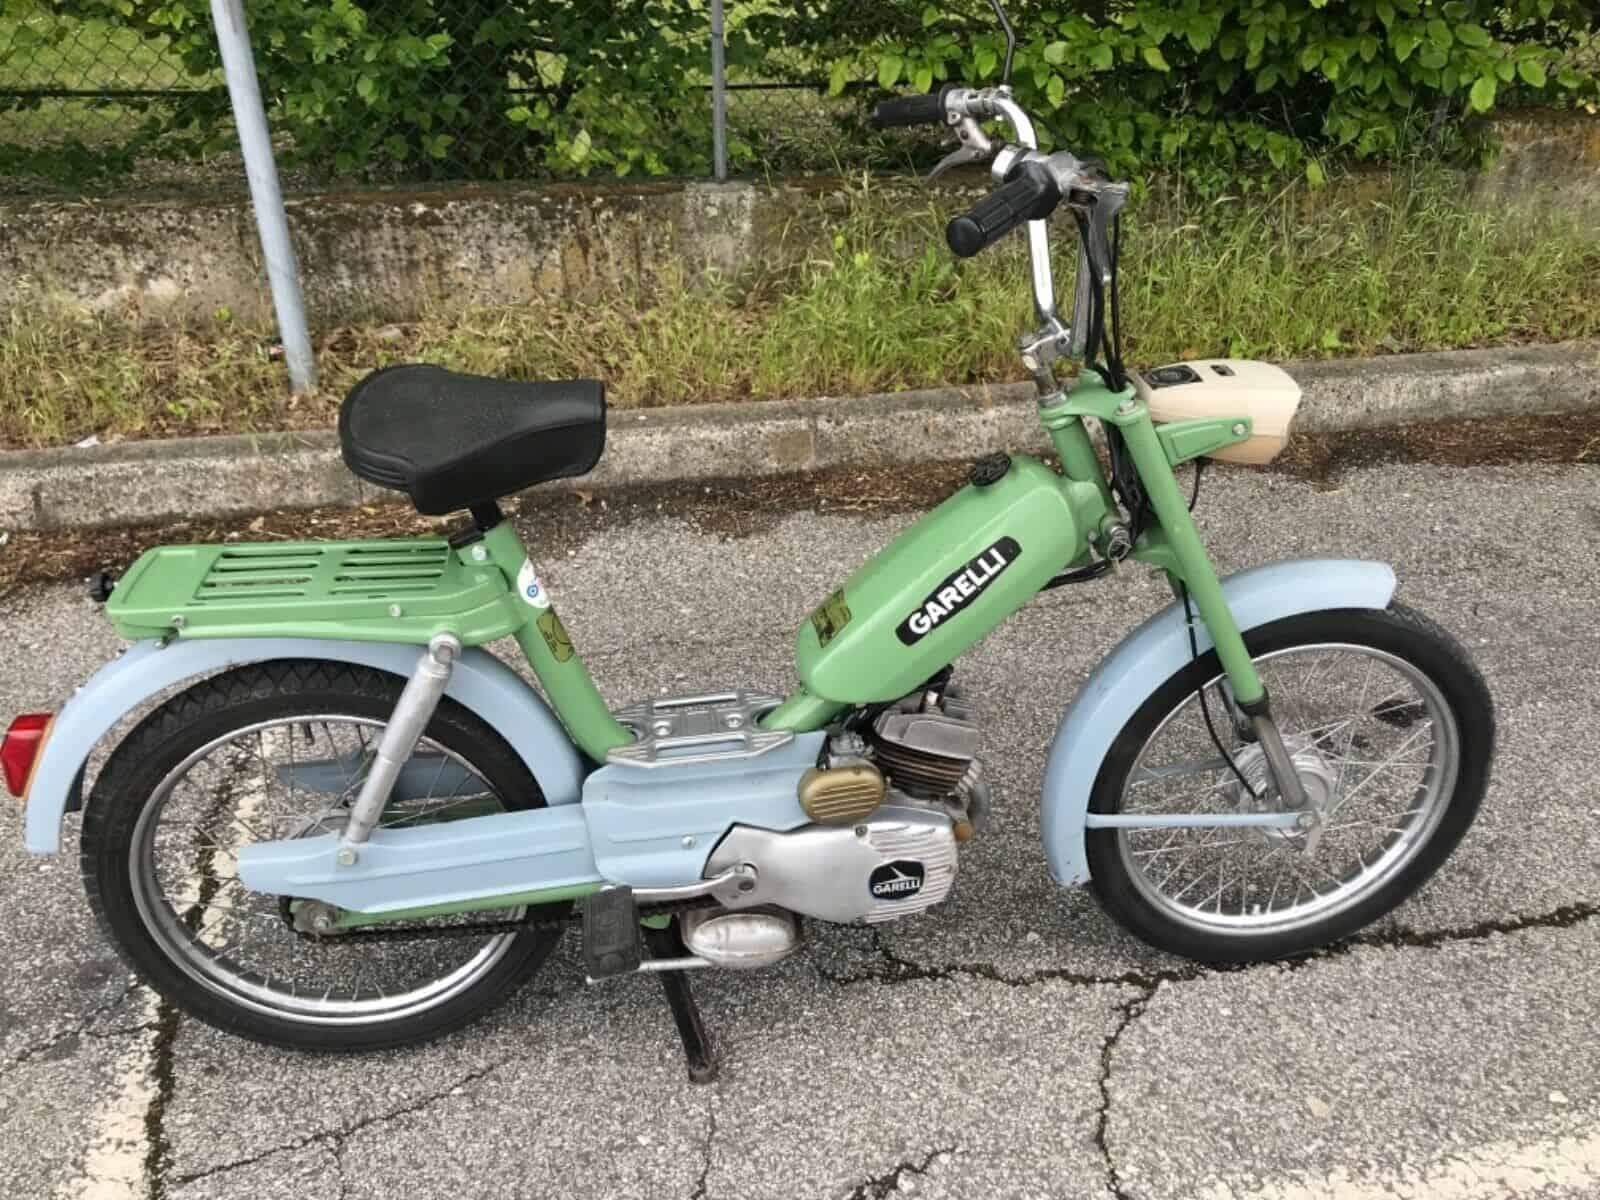 GARELLI GULP FLEX 50cc 1977